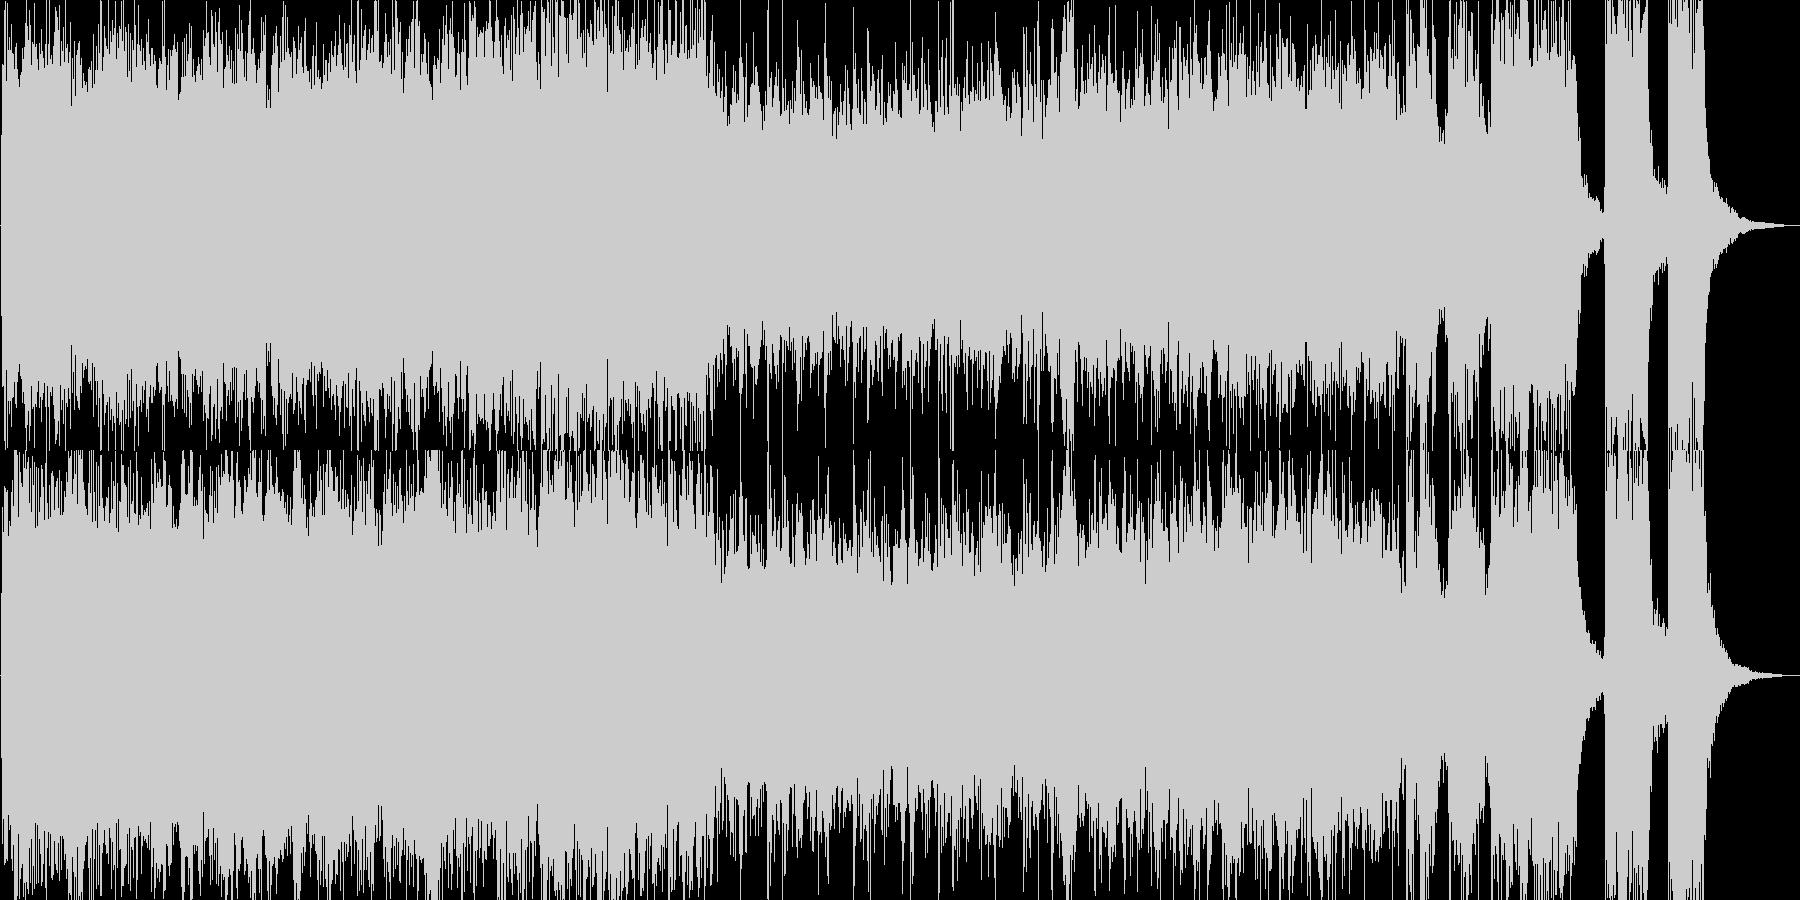 楽しいハロウィンの始まりを描いたBGMの未再生の波形